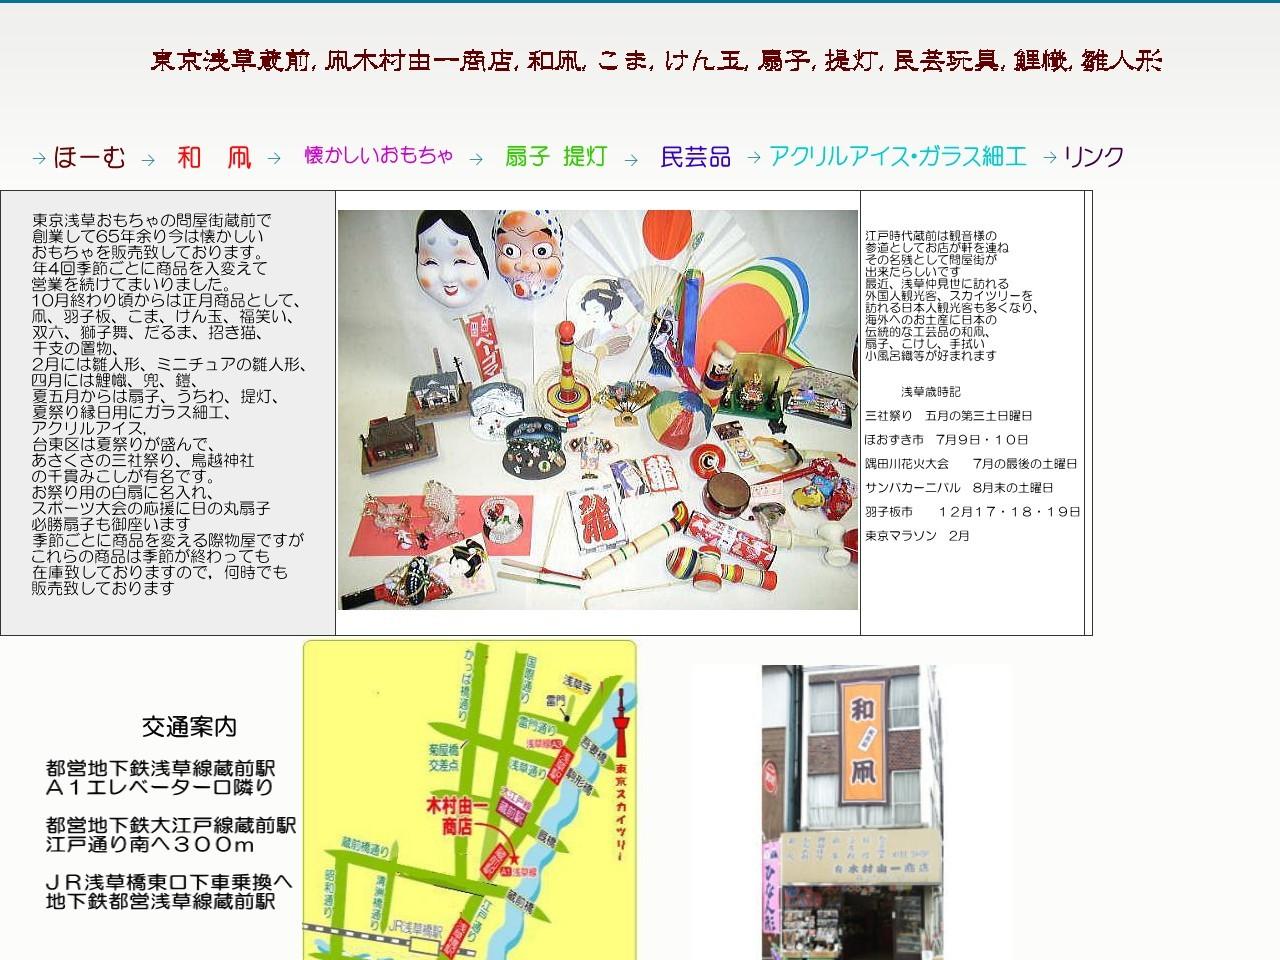 凧木村由一商店東京浅草蔵前,和凧,おもちゃ,扇子,うちわ,提灯,鯉幟,人形